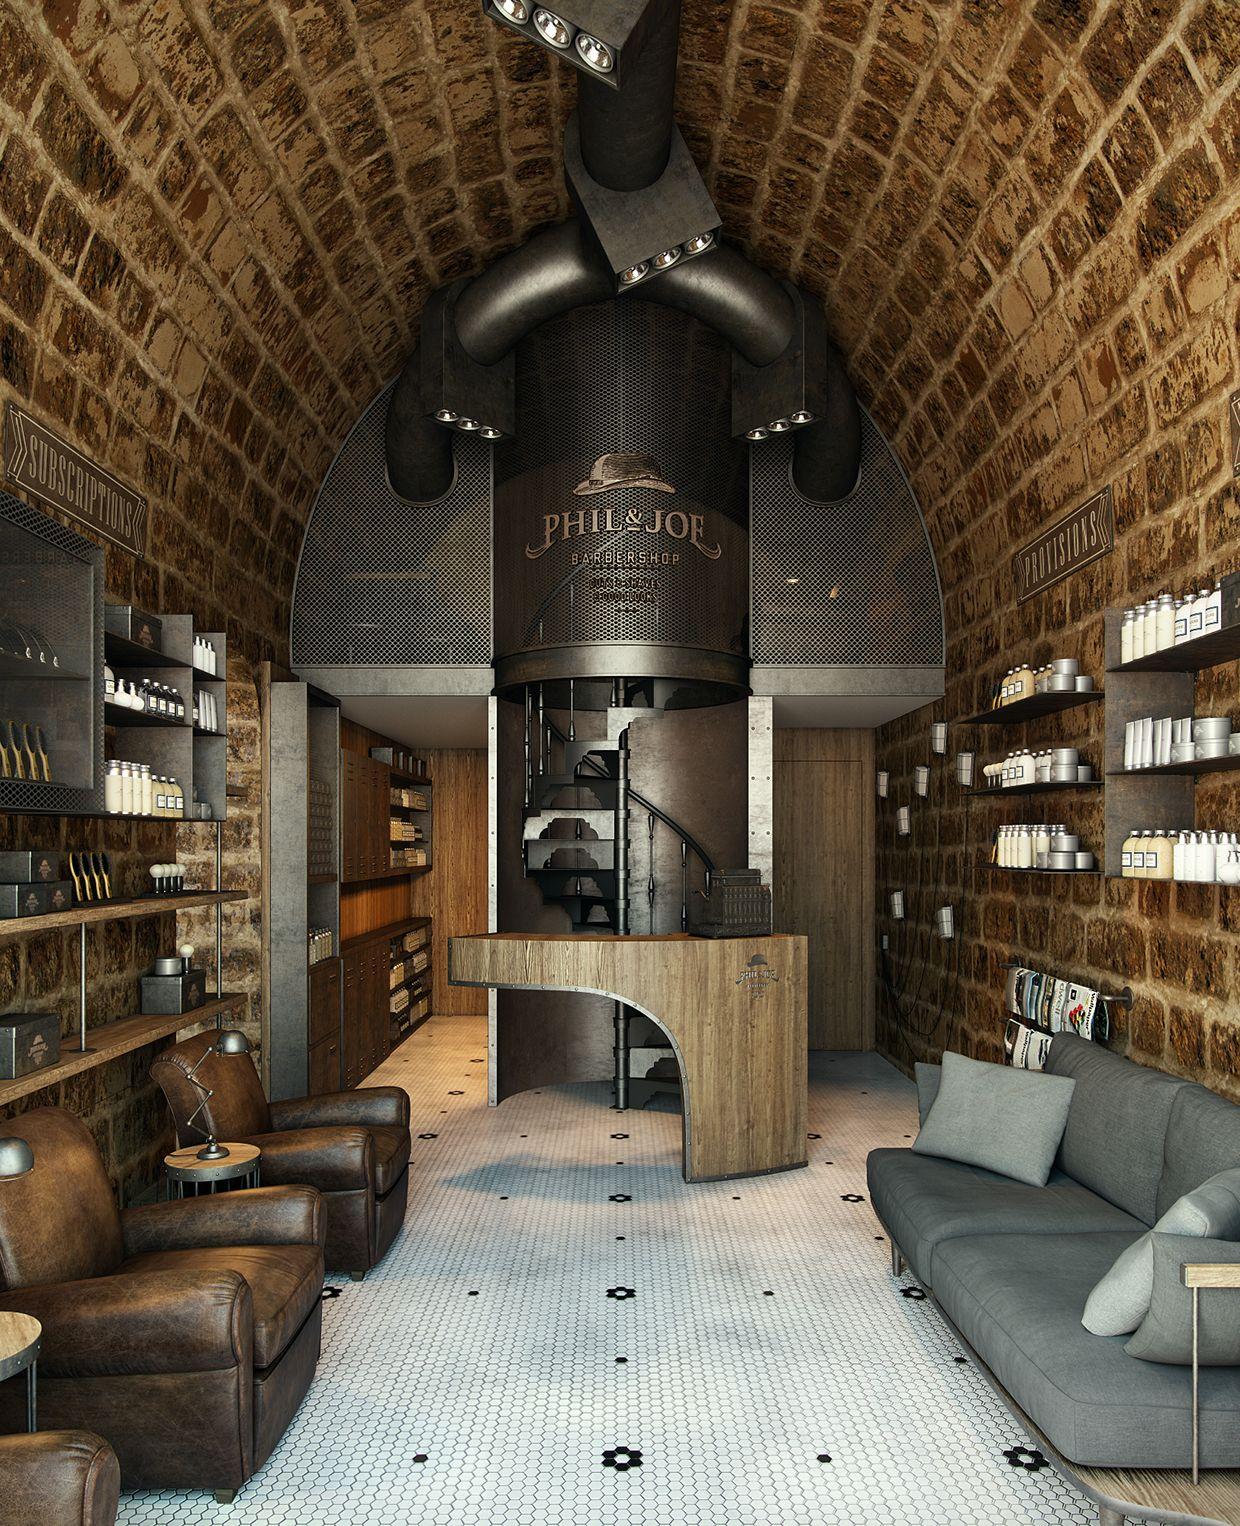 Joe Barber, Barber Shop, Salon Design, Studio Design, Interior  Architecture, Interior